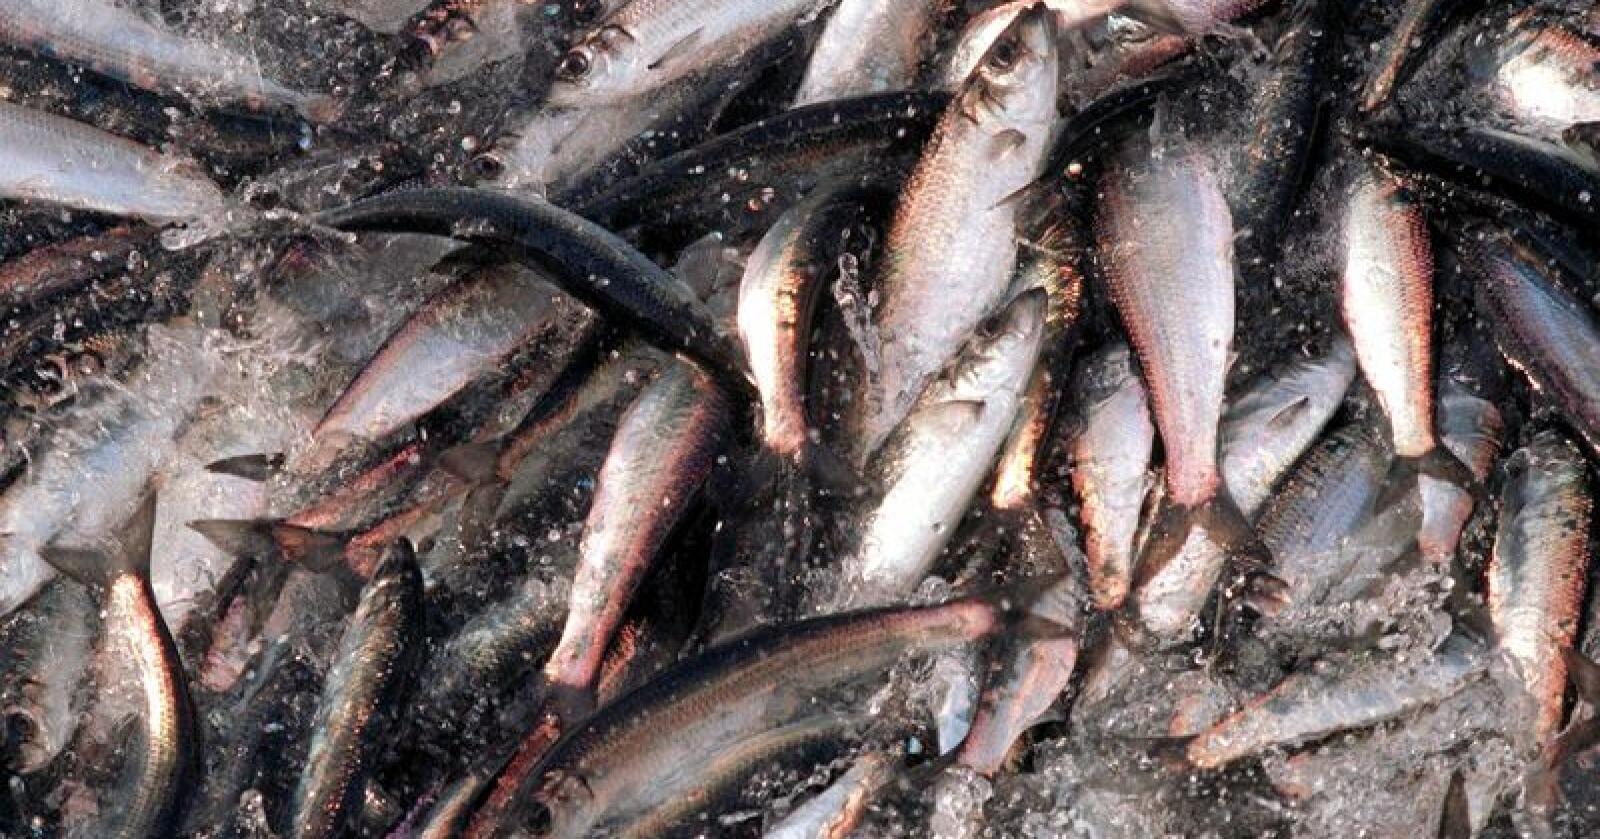 Silda omtales med rette som havets sølv - den glitrer og blinker der den spretter i notposen. Den er blant de fiskeartene som inneholder lite kvikksølv. Foto: Lise Åserud / NTB scanpix